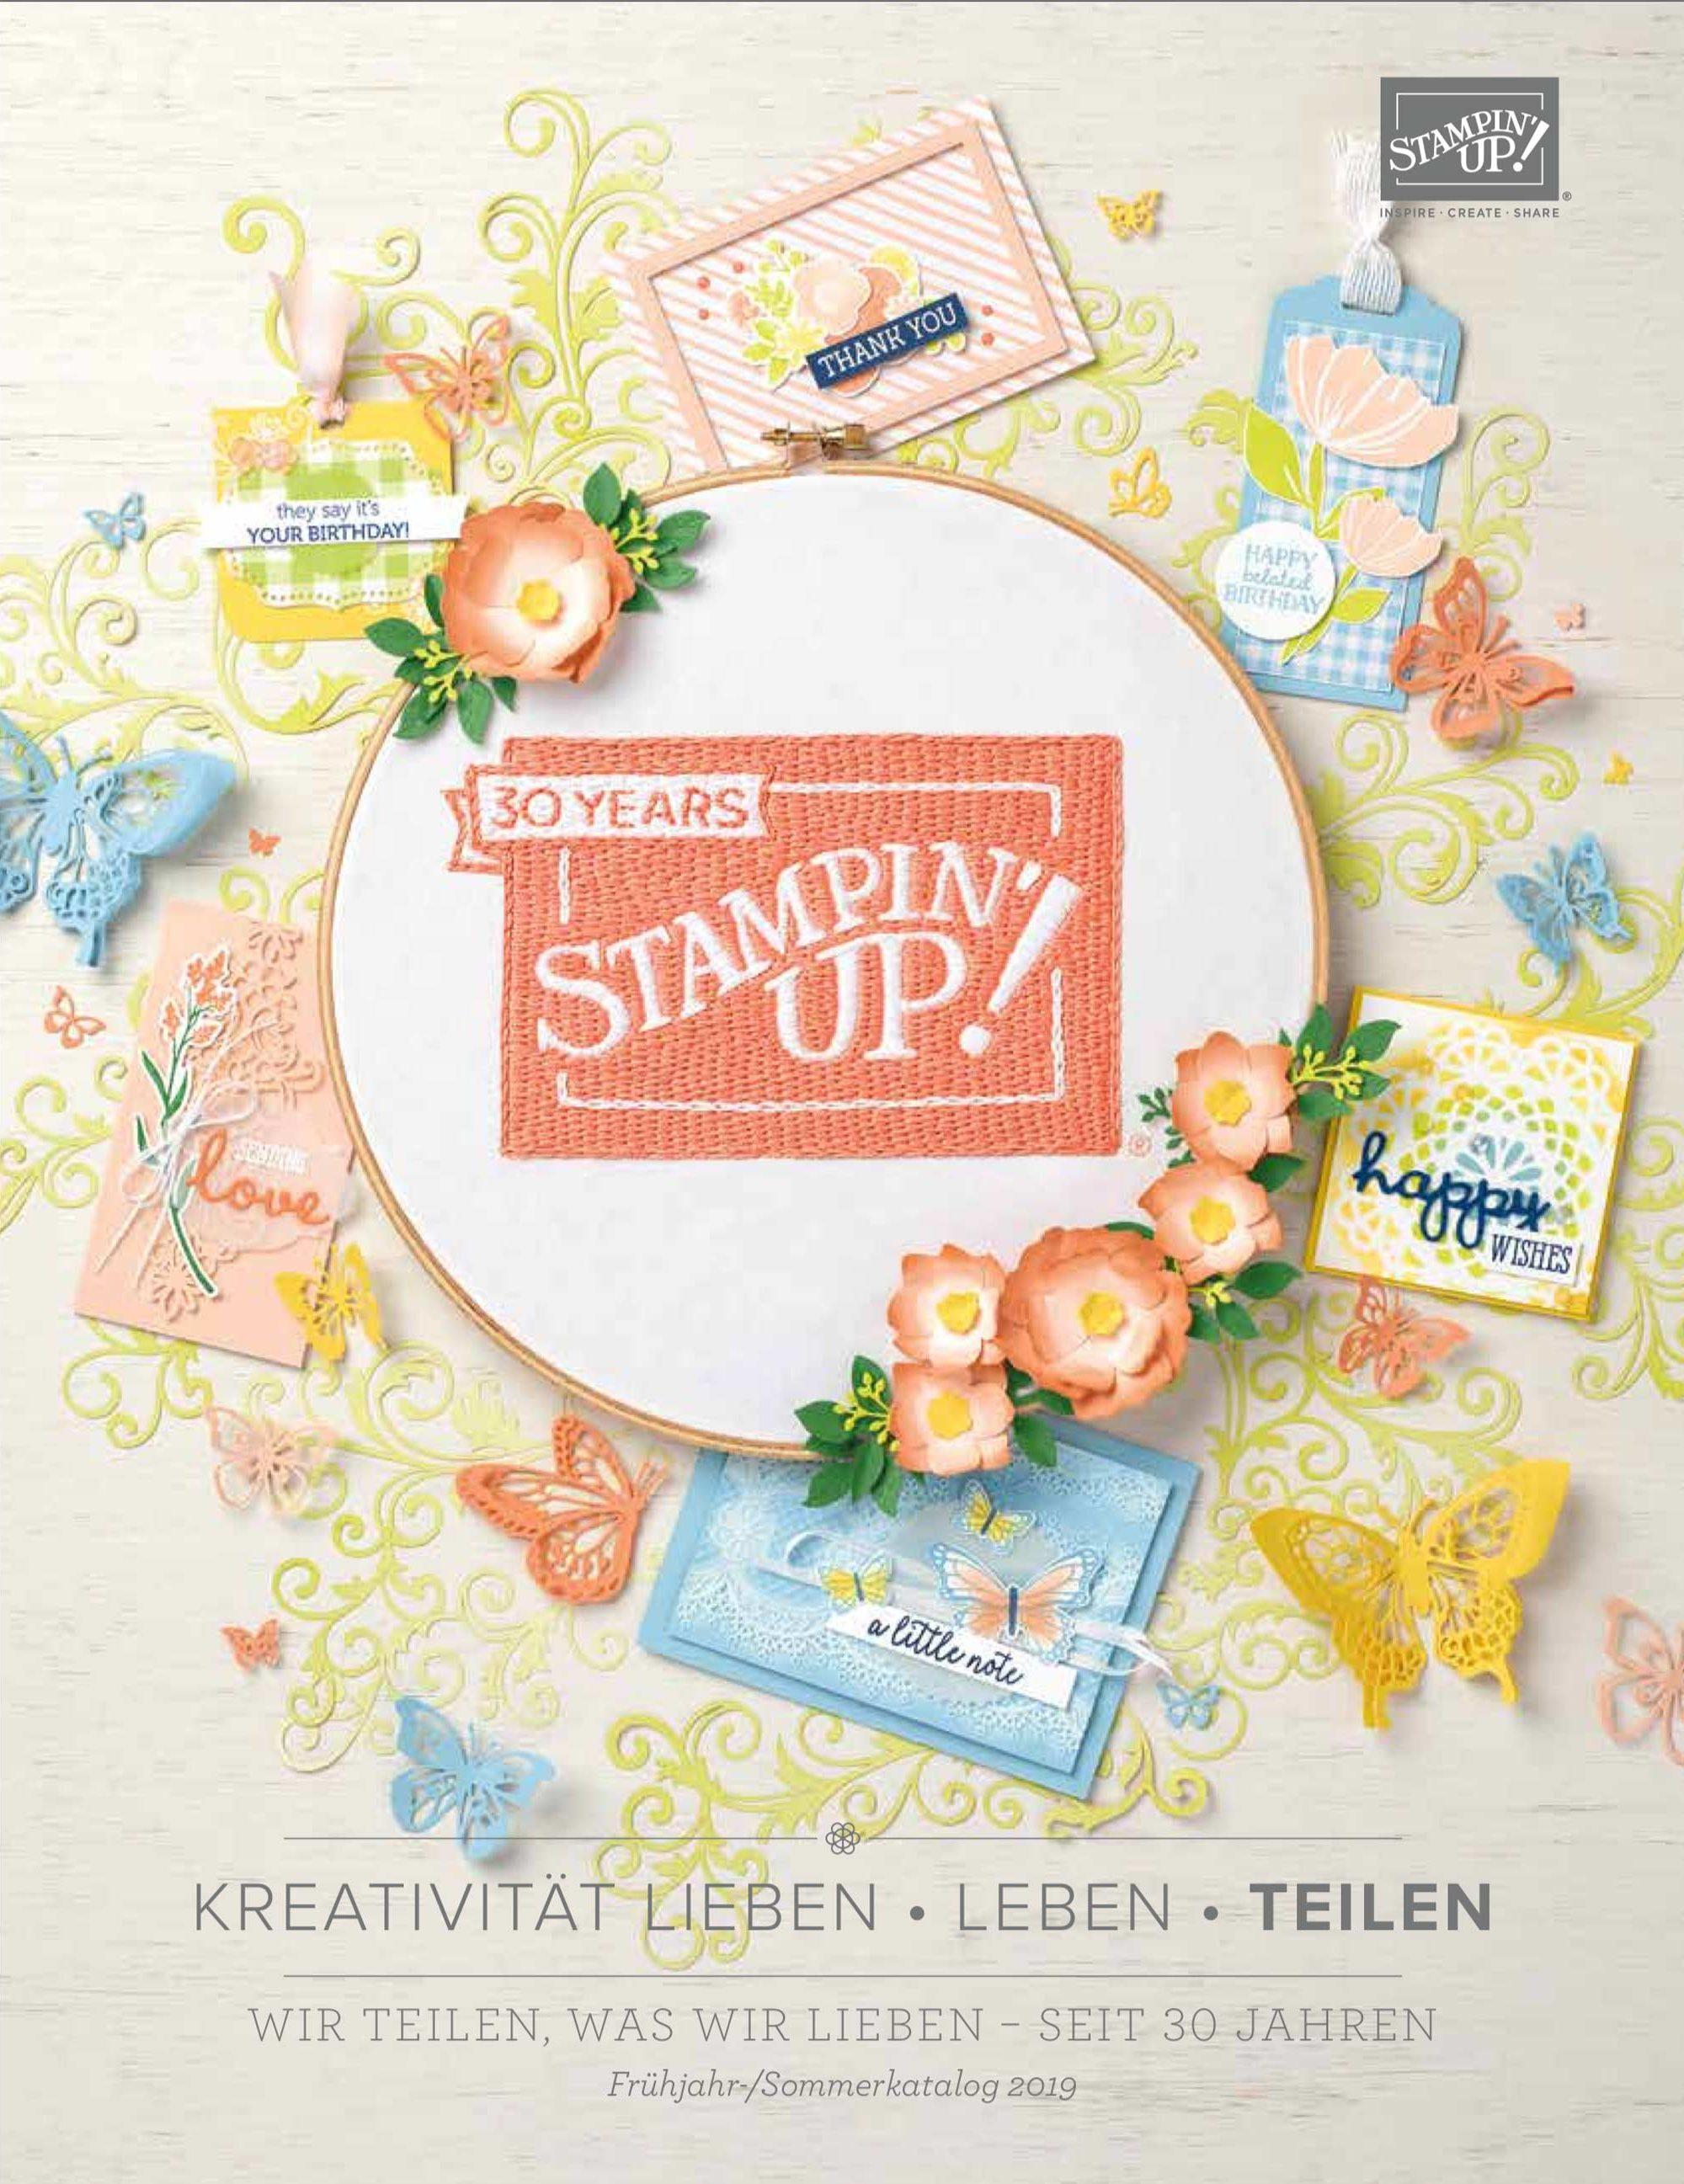 Frühjahr-Sommer Katalog 2019